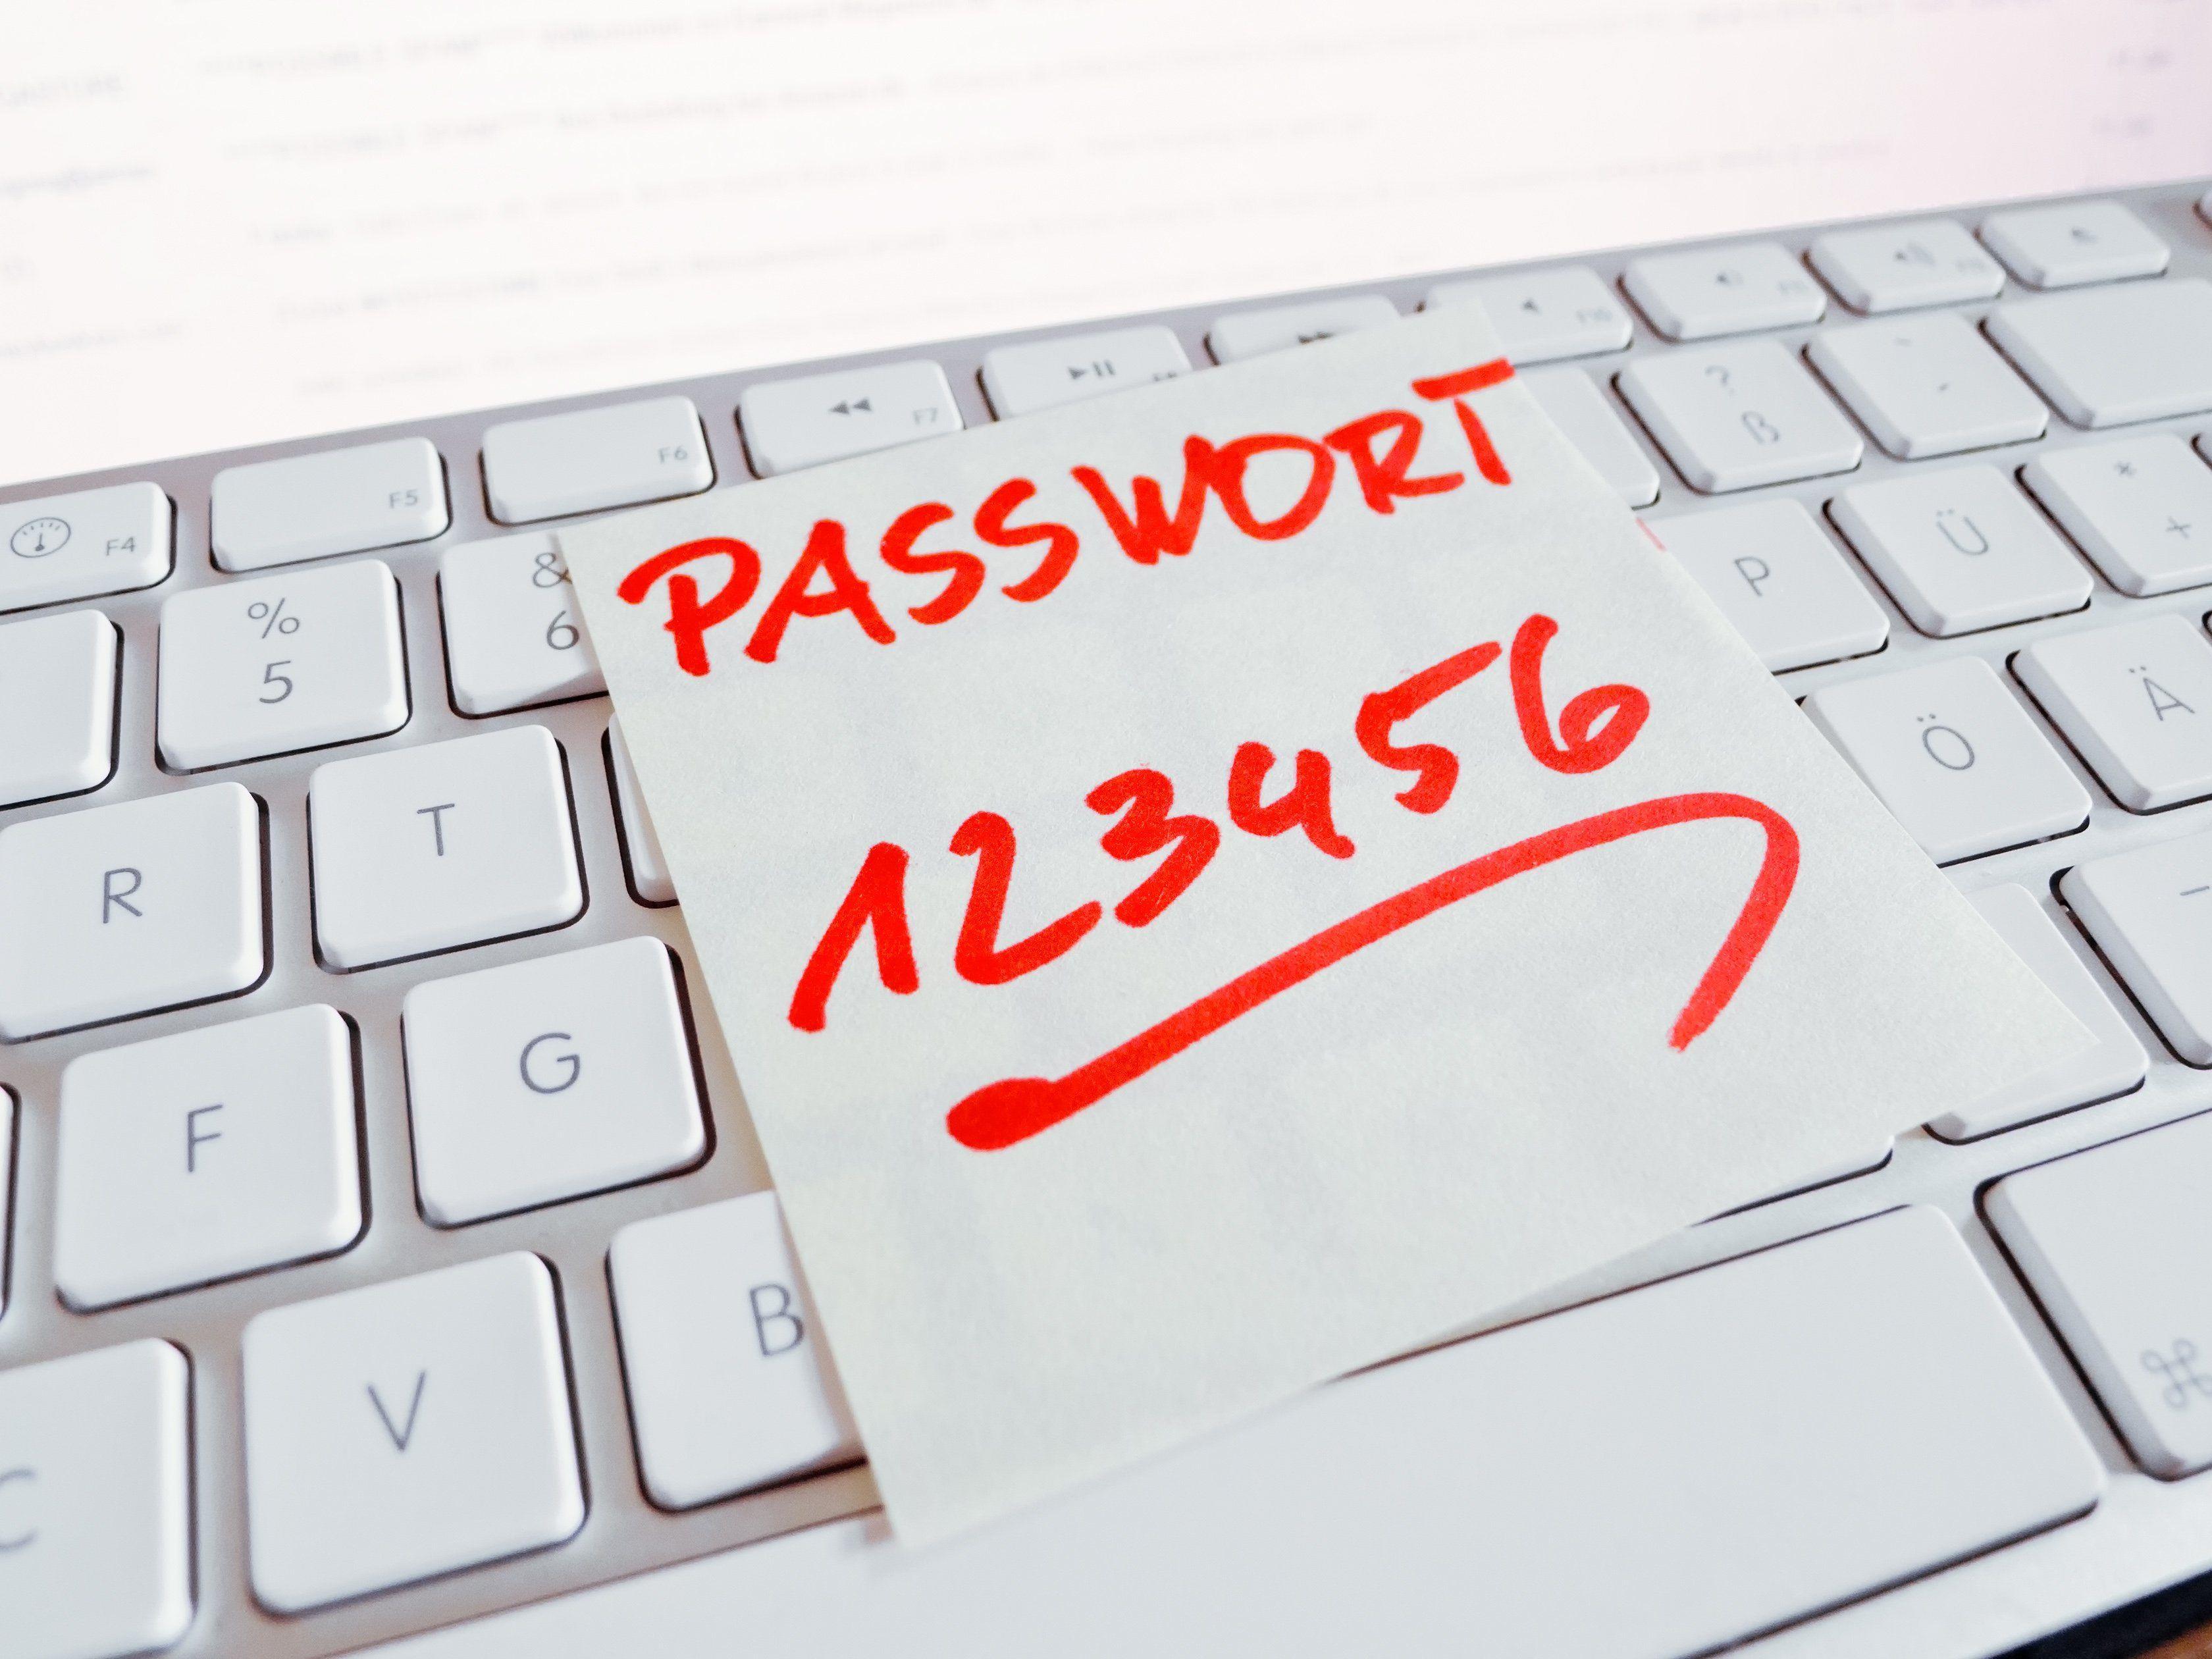 Von diesen Passwörtern sollte man mit Sicherheit die Finger lassen.